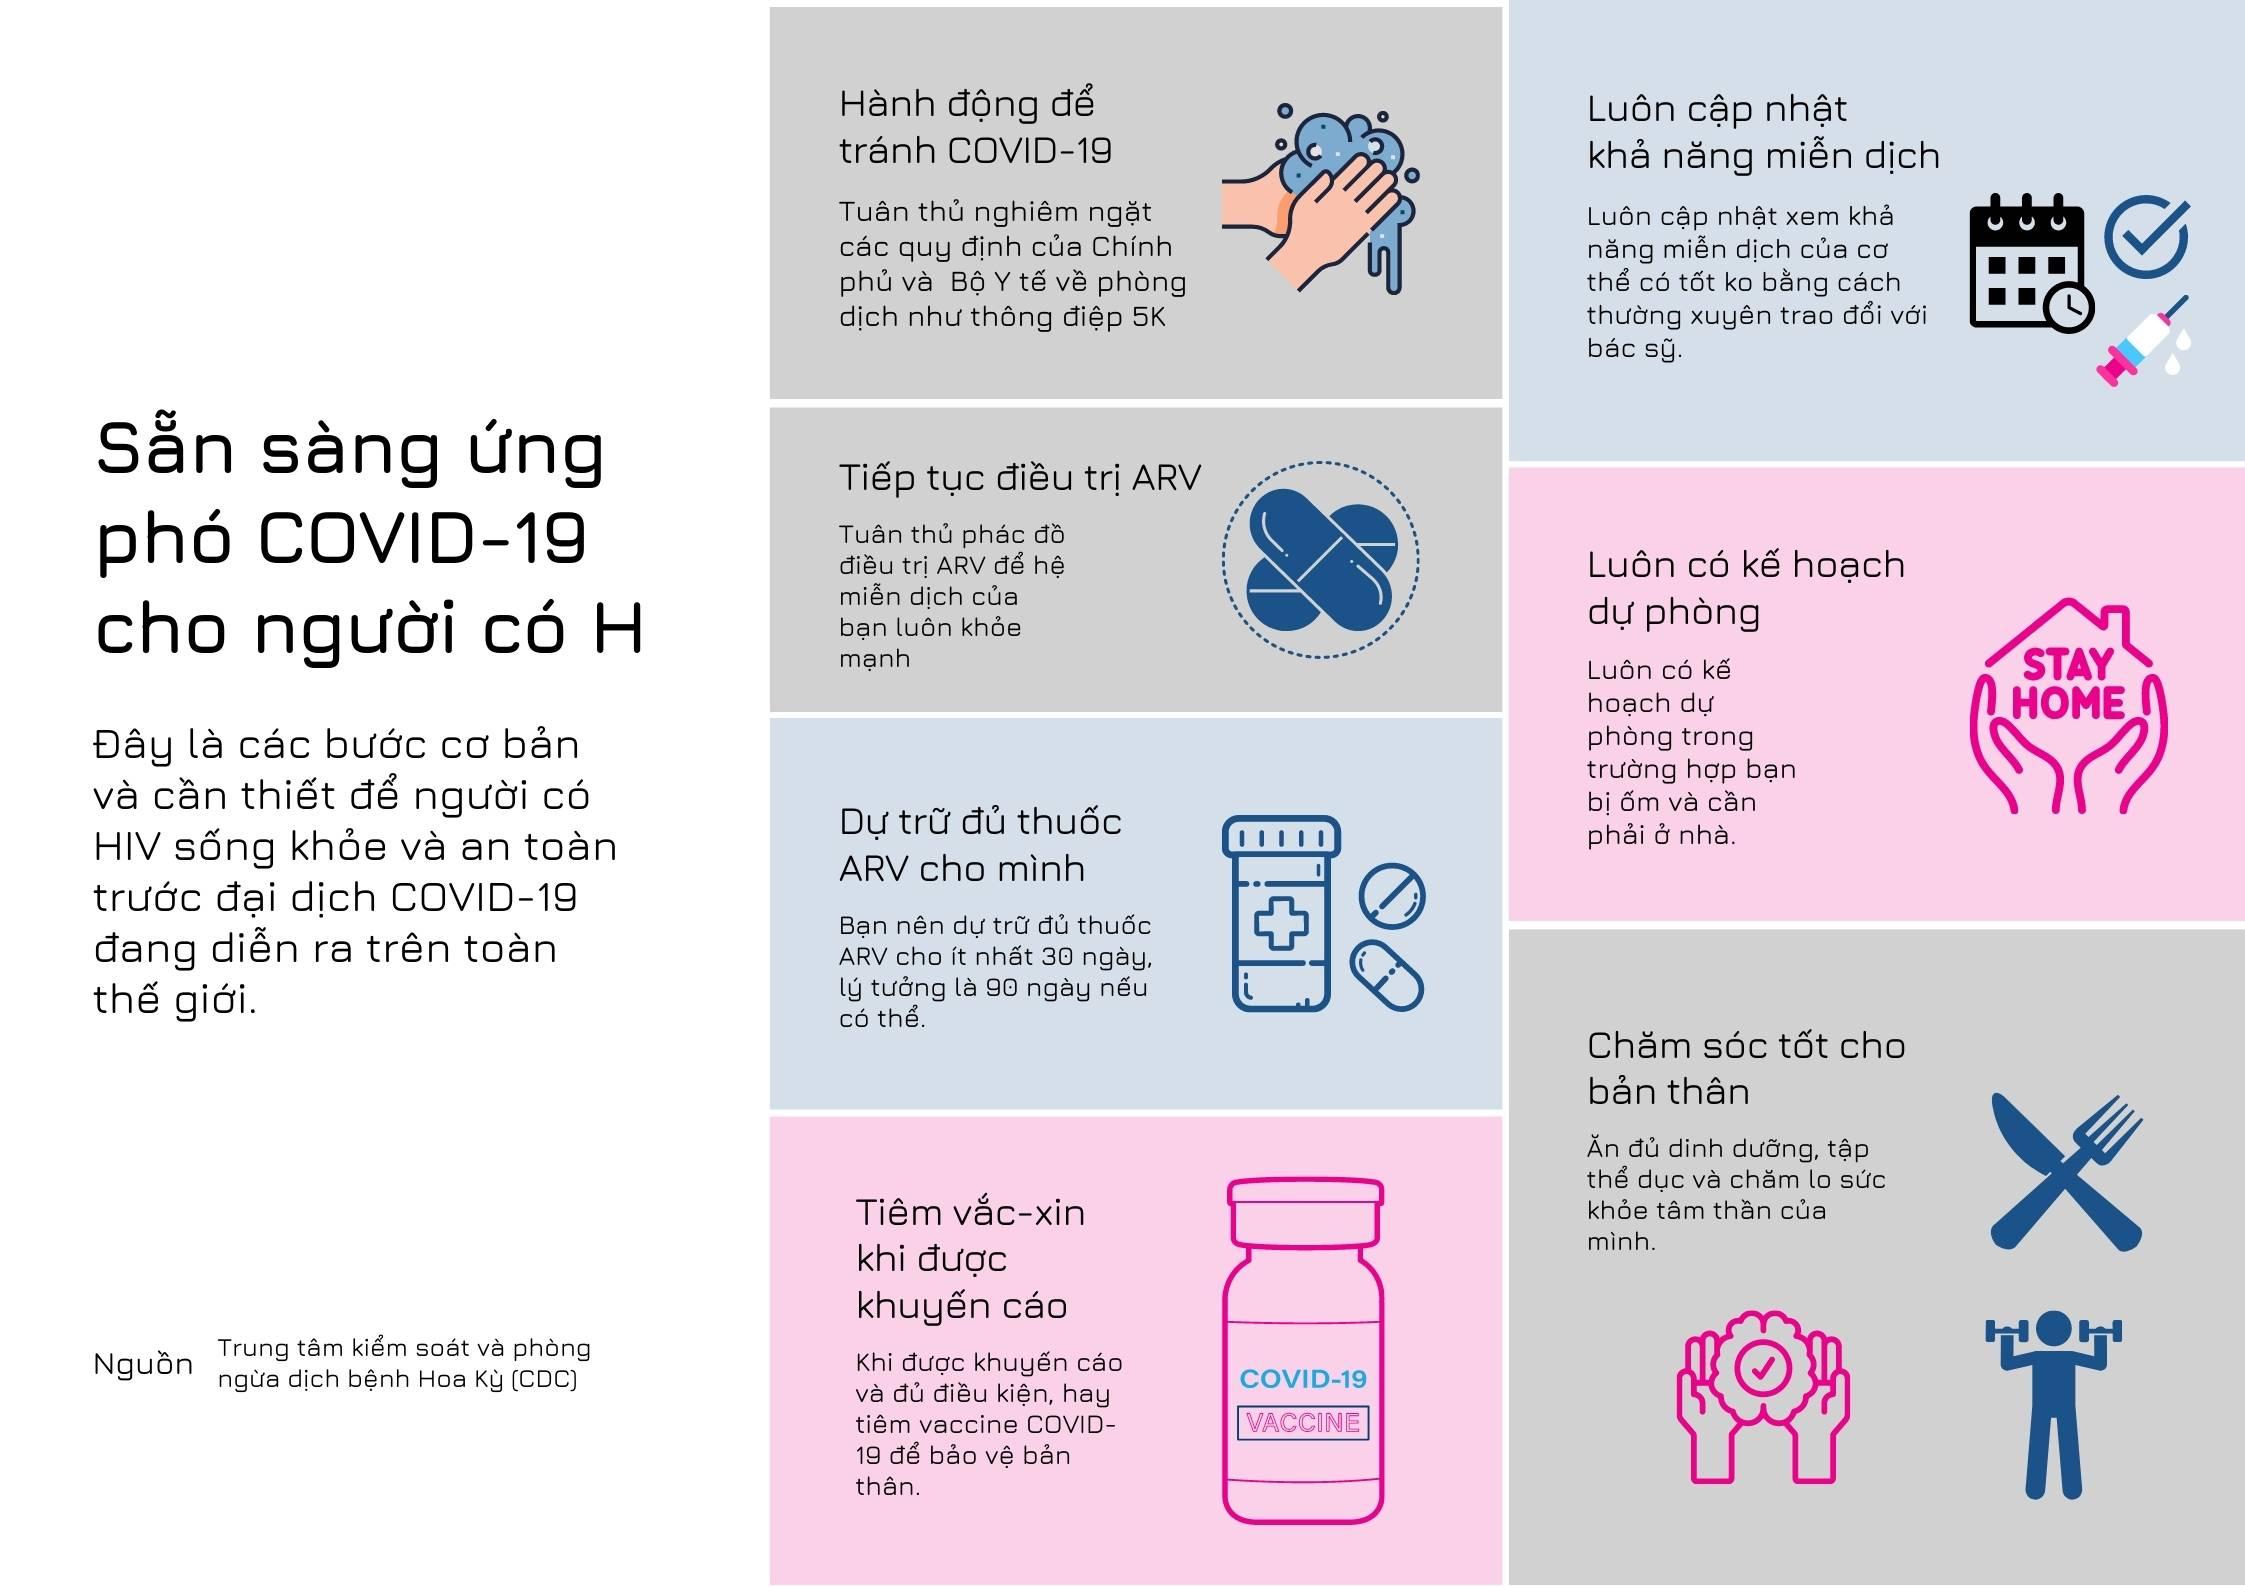 Covid19 và HIV